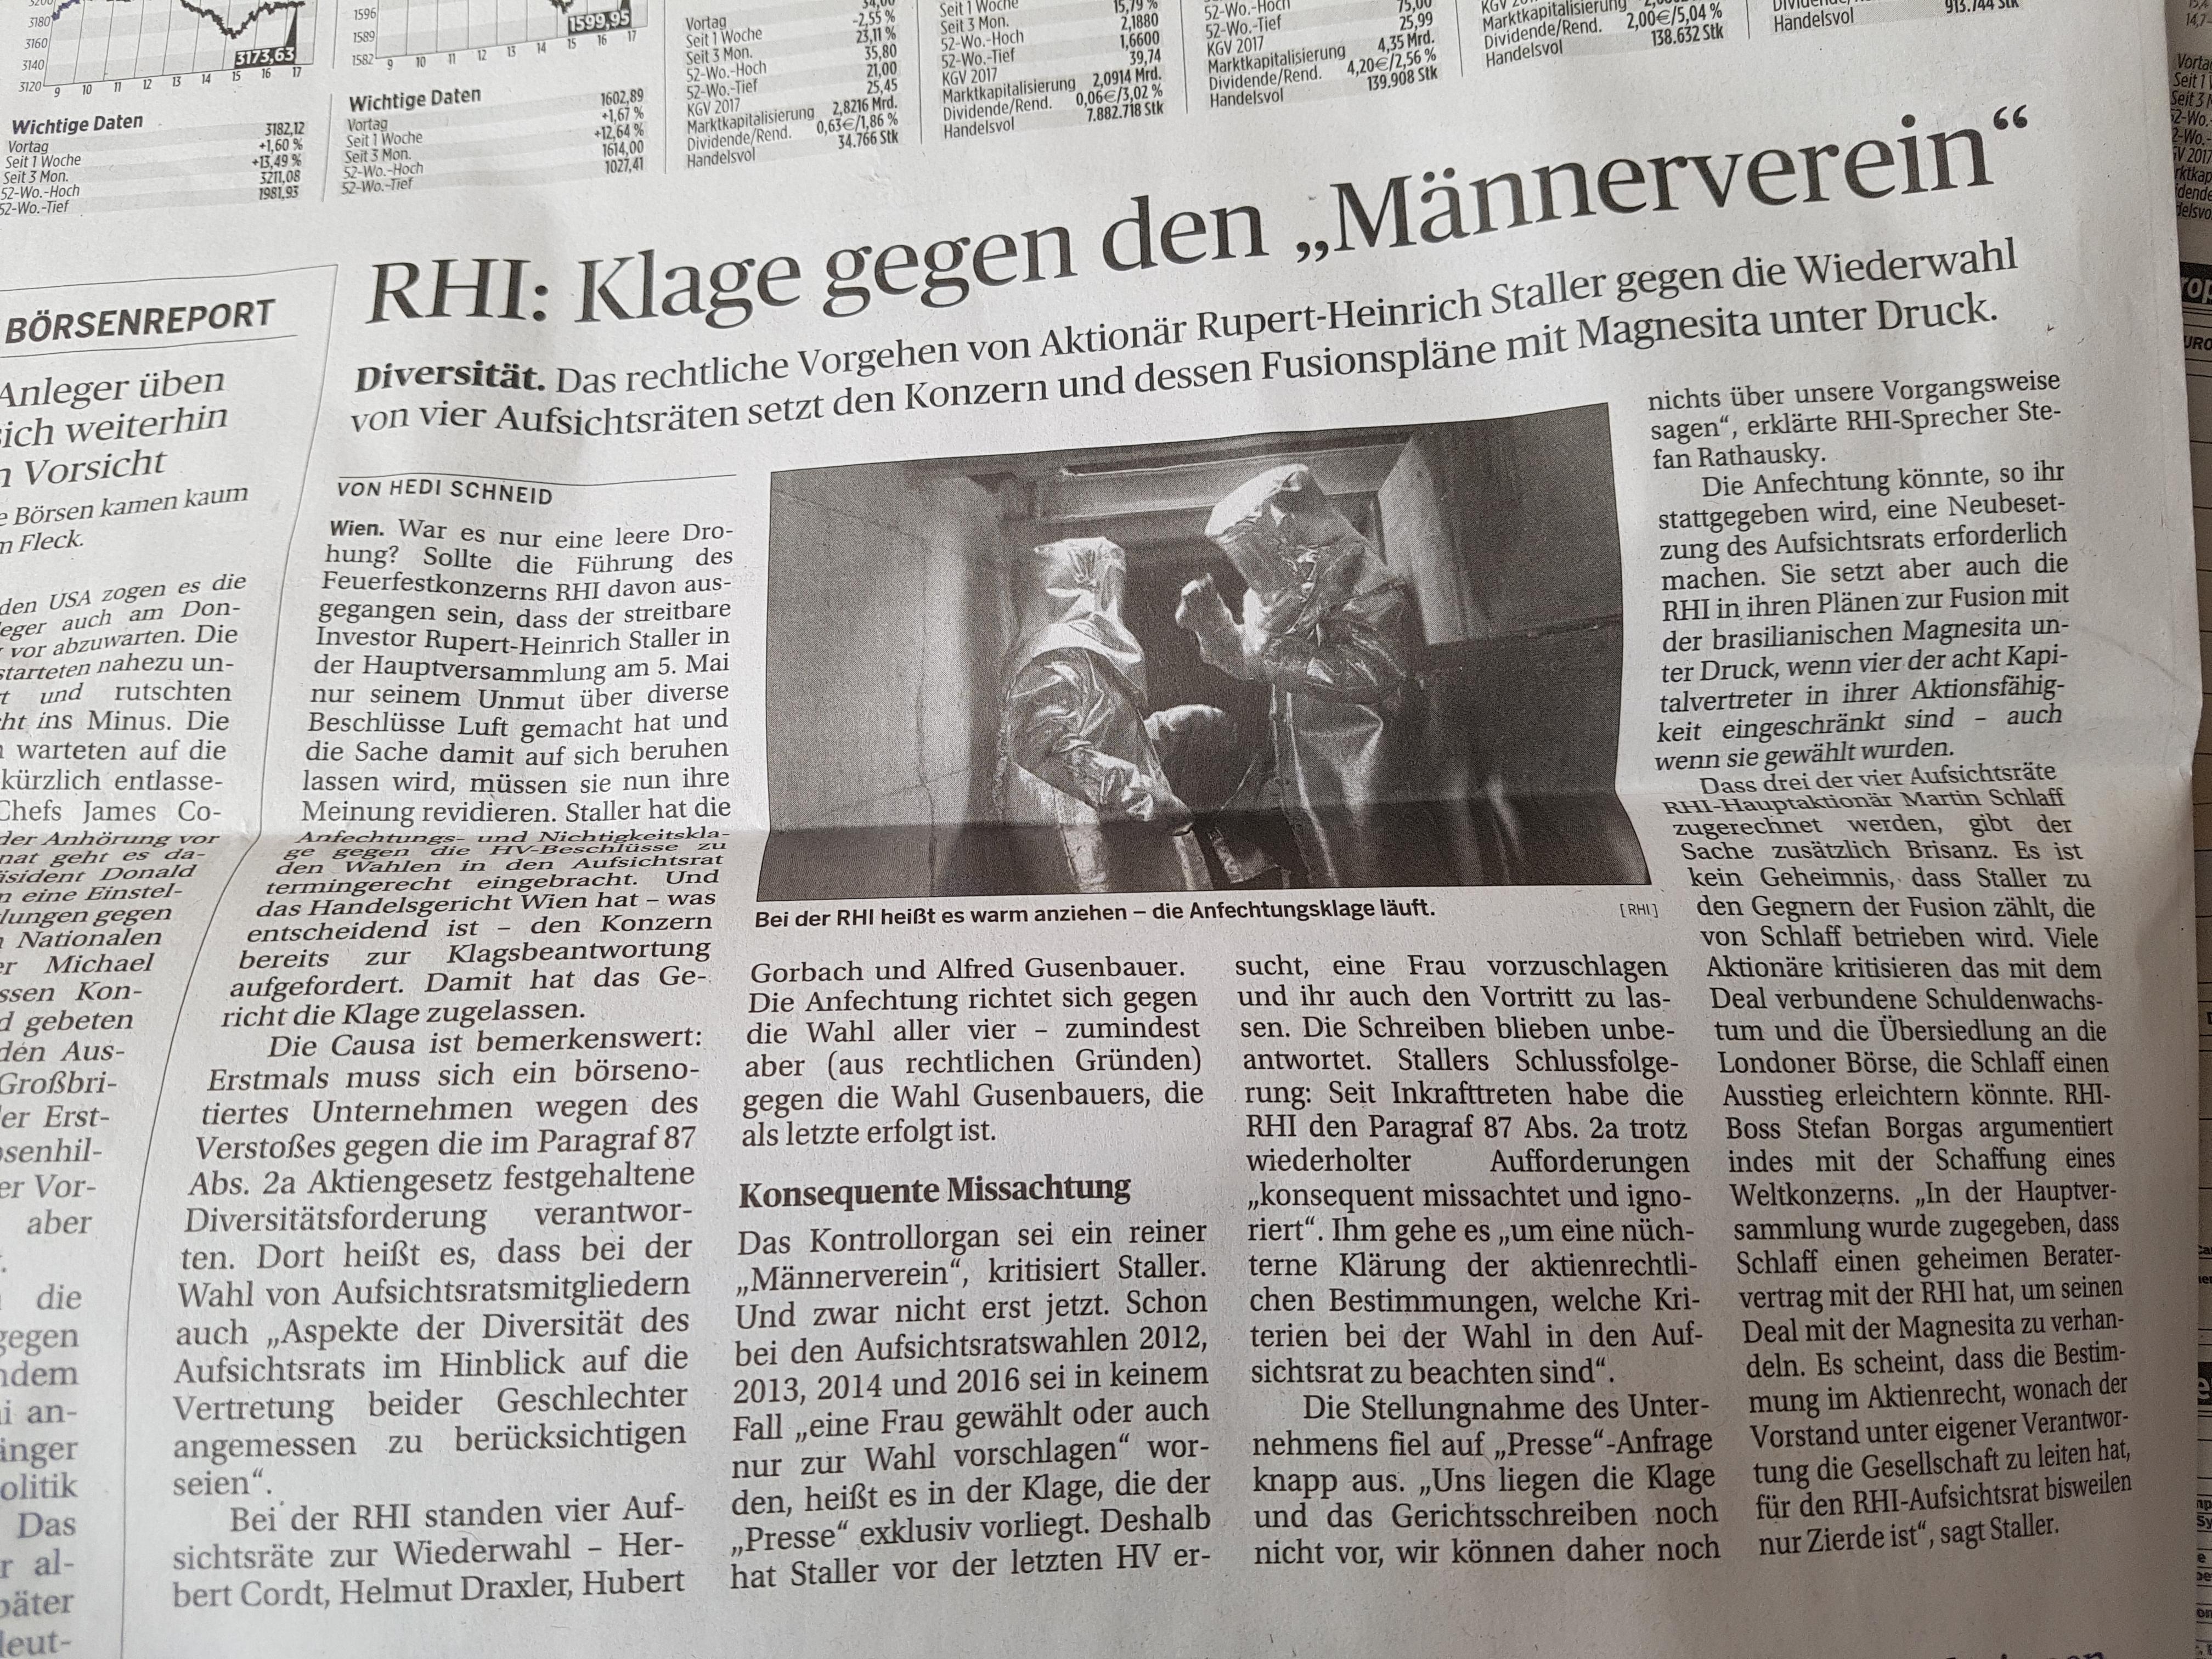 RHI-Klage-Aufsichtsrat